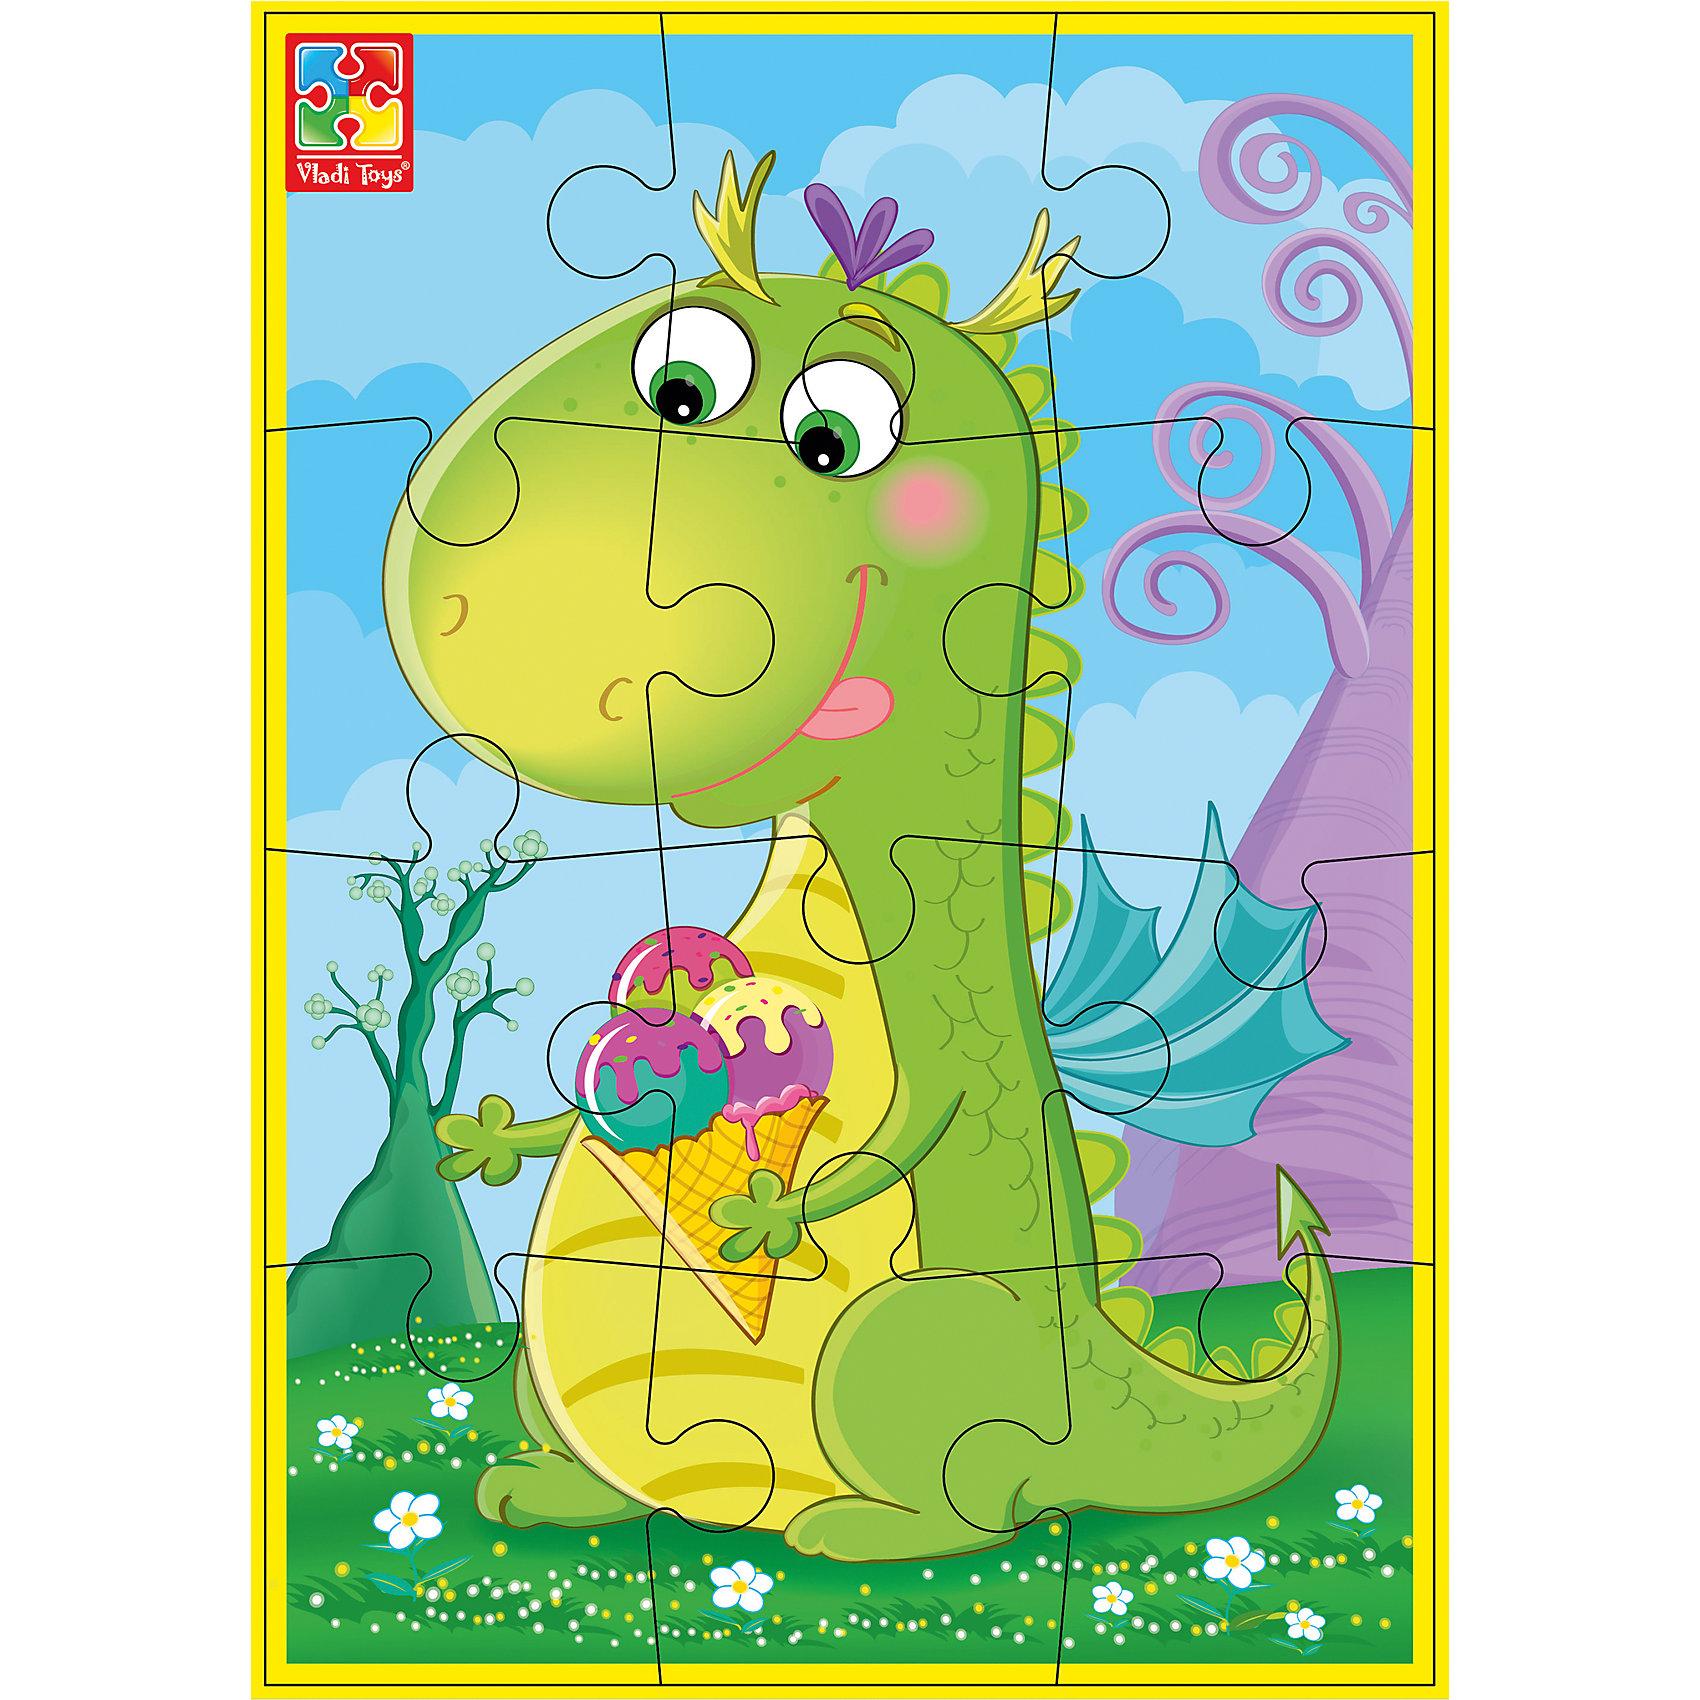 Мягкие пазлы А5 Динозаврик с мороженым, Динозаврики, Vladi ToysХарактеристики:<br><br>• Вид игр: развивающие<br>• Серия: пазлы-картинки<br>• Пол: универсальный<br>• Материал: полимер, картон<br>• Цвет: голубой, желтый, зеленый, сиреневый и др.<br>• Комплектация: 1 пазл из 12-ти элементов<br>• Размеры (Д*Ш*В): 18*4*28,5 см<br>• Тип упаковки: картонная коробка<br>• Вес: 21 г<br><br>Мягкие пазлы А5 Динозаврик с мороженым, Динозаврики, Vladi Toys, производителем которых является компания, специализирующаяся на выпуске развивающих игр, давно уже стали популярными среди аналогичной продукции. Мягкие пазлы – идеальное решение для развивающих занятий с самыми маленькими детьми, так как они разделены на большие элементы с крупными изображениями, чаще всего в качестве картинок используются герои популярных мультсериалов. Самое важное в пазле для малышей – это минимум деталей и безопасность элементов. Все используемые в производстве материалы являются экологически безопасными, не вызывают аллергии, не имеют запаха. Пазл Динозаврик с мороженым, Динозаврики, Vladi Toys, представляет собой сюжетную картинку размером А5, которая состоит из 12-и крупных элементов с изображением милого динозаврика. <br>Занятия с мягкими пазлами от Vladi Toys способствуют развитию не только мелкой моторики, но и внимательности, усидчивости, терпению при достижении цели. Кроме того, по собранной картинке можно составлять рассказ, что позволит развивать речевые навыки, память и воображение.<br><br>Мягкие пазлы А5 Динозаврик с мороженым, Динозаврики, Vladi Toys, можно купить в нашем интернет-магазине.<br><br>Ширина мм: 180<br>Глубина мм: 4<br>Высота мм: 285<br>Вес г: 21<br>Возраст от месяцев: 24<br>Возраст до месяцев: 60<br>Пол: Унисекс<br>Возраст: Детский<br>SKU: 5136076